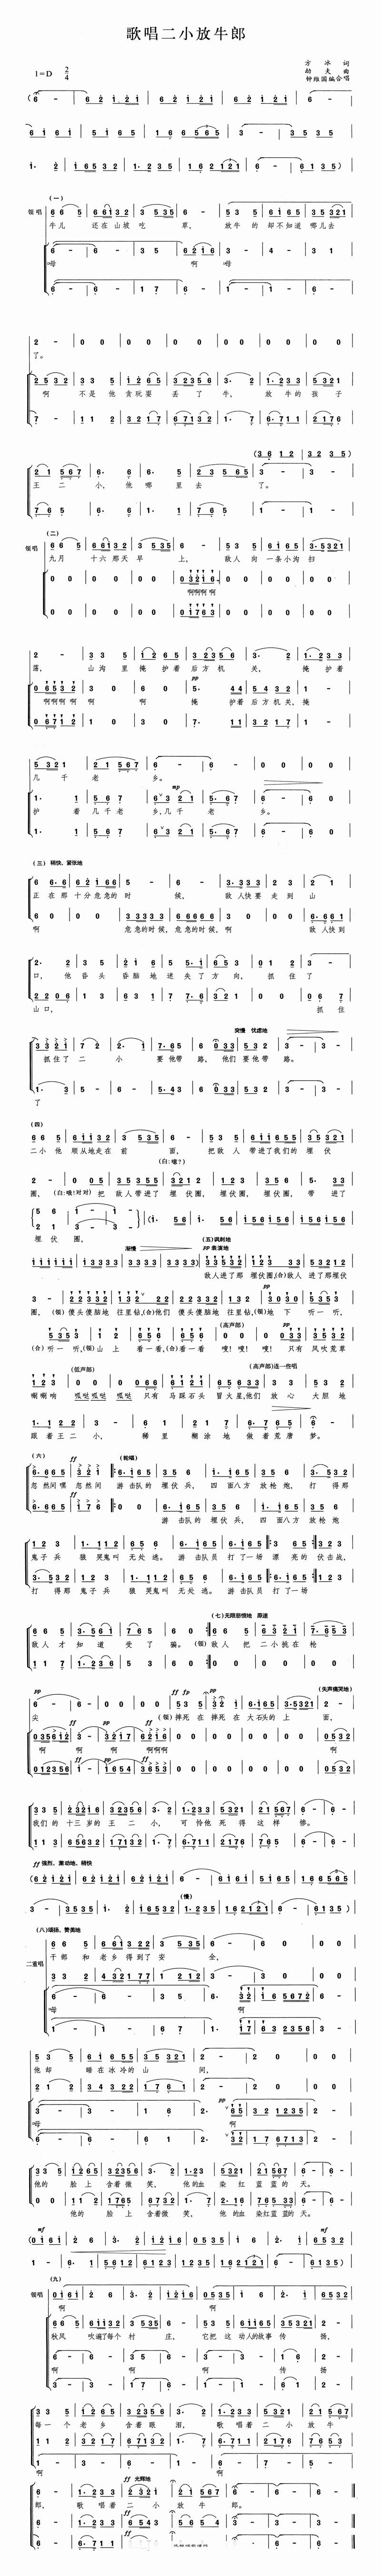 歌唱二小放牛郎(童声)高清手机移动歌谱简谱